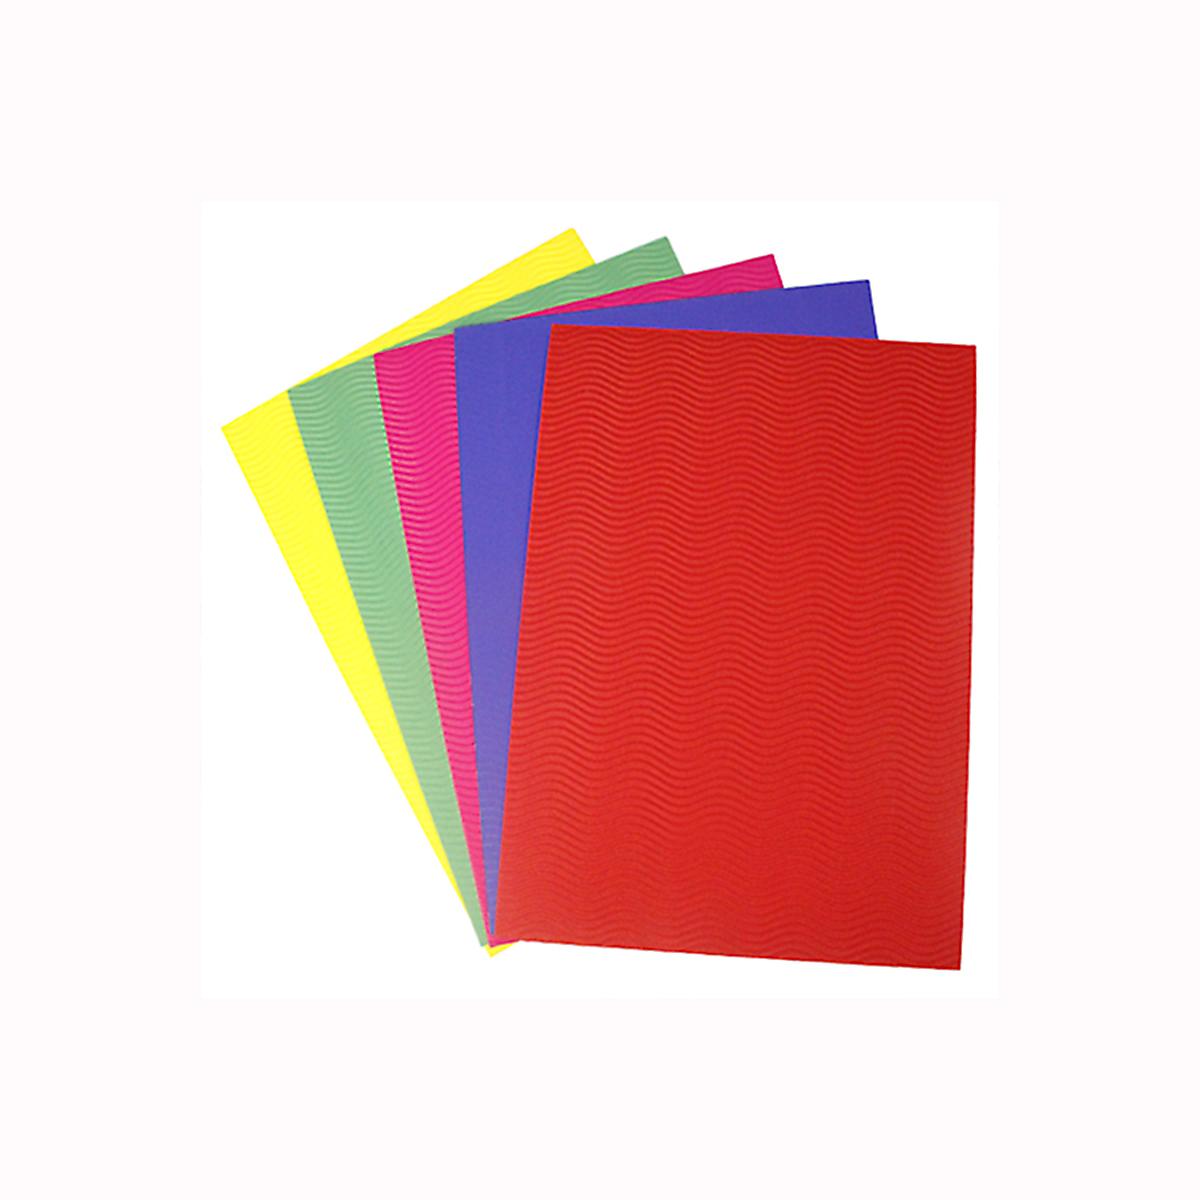 Бумага гофрированная Бэстекс Волна, 5 листов. 545631545631Бумага Бэстекс Волна идеально подходит для творческих работ и скрапбукинга.Бумага Бэстекс Волна поможет вам сохранить все важные моменты жизни на собственных изделиях из фотографий, газетных вырезок, рисунков и других памятных мелочей. Эту бумагу можно использовать как фон или для создания декоративных элементов.В наборе 5 листов.Размер: 210 х 297 мм